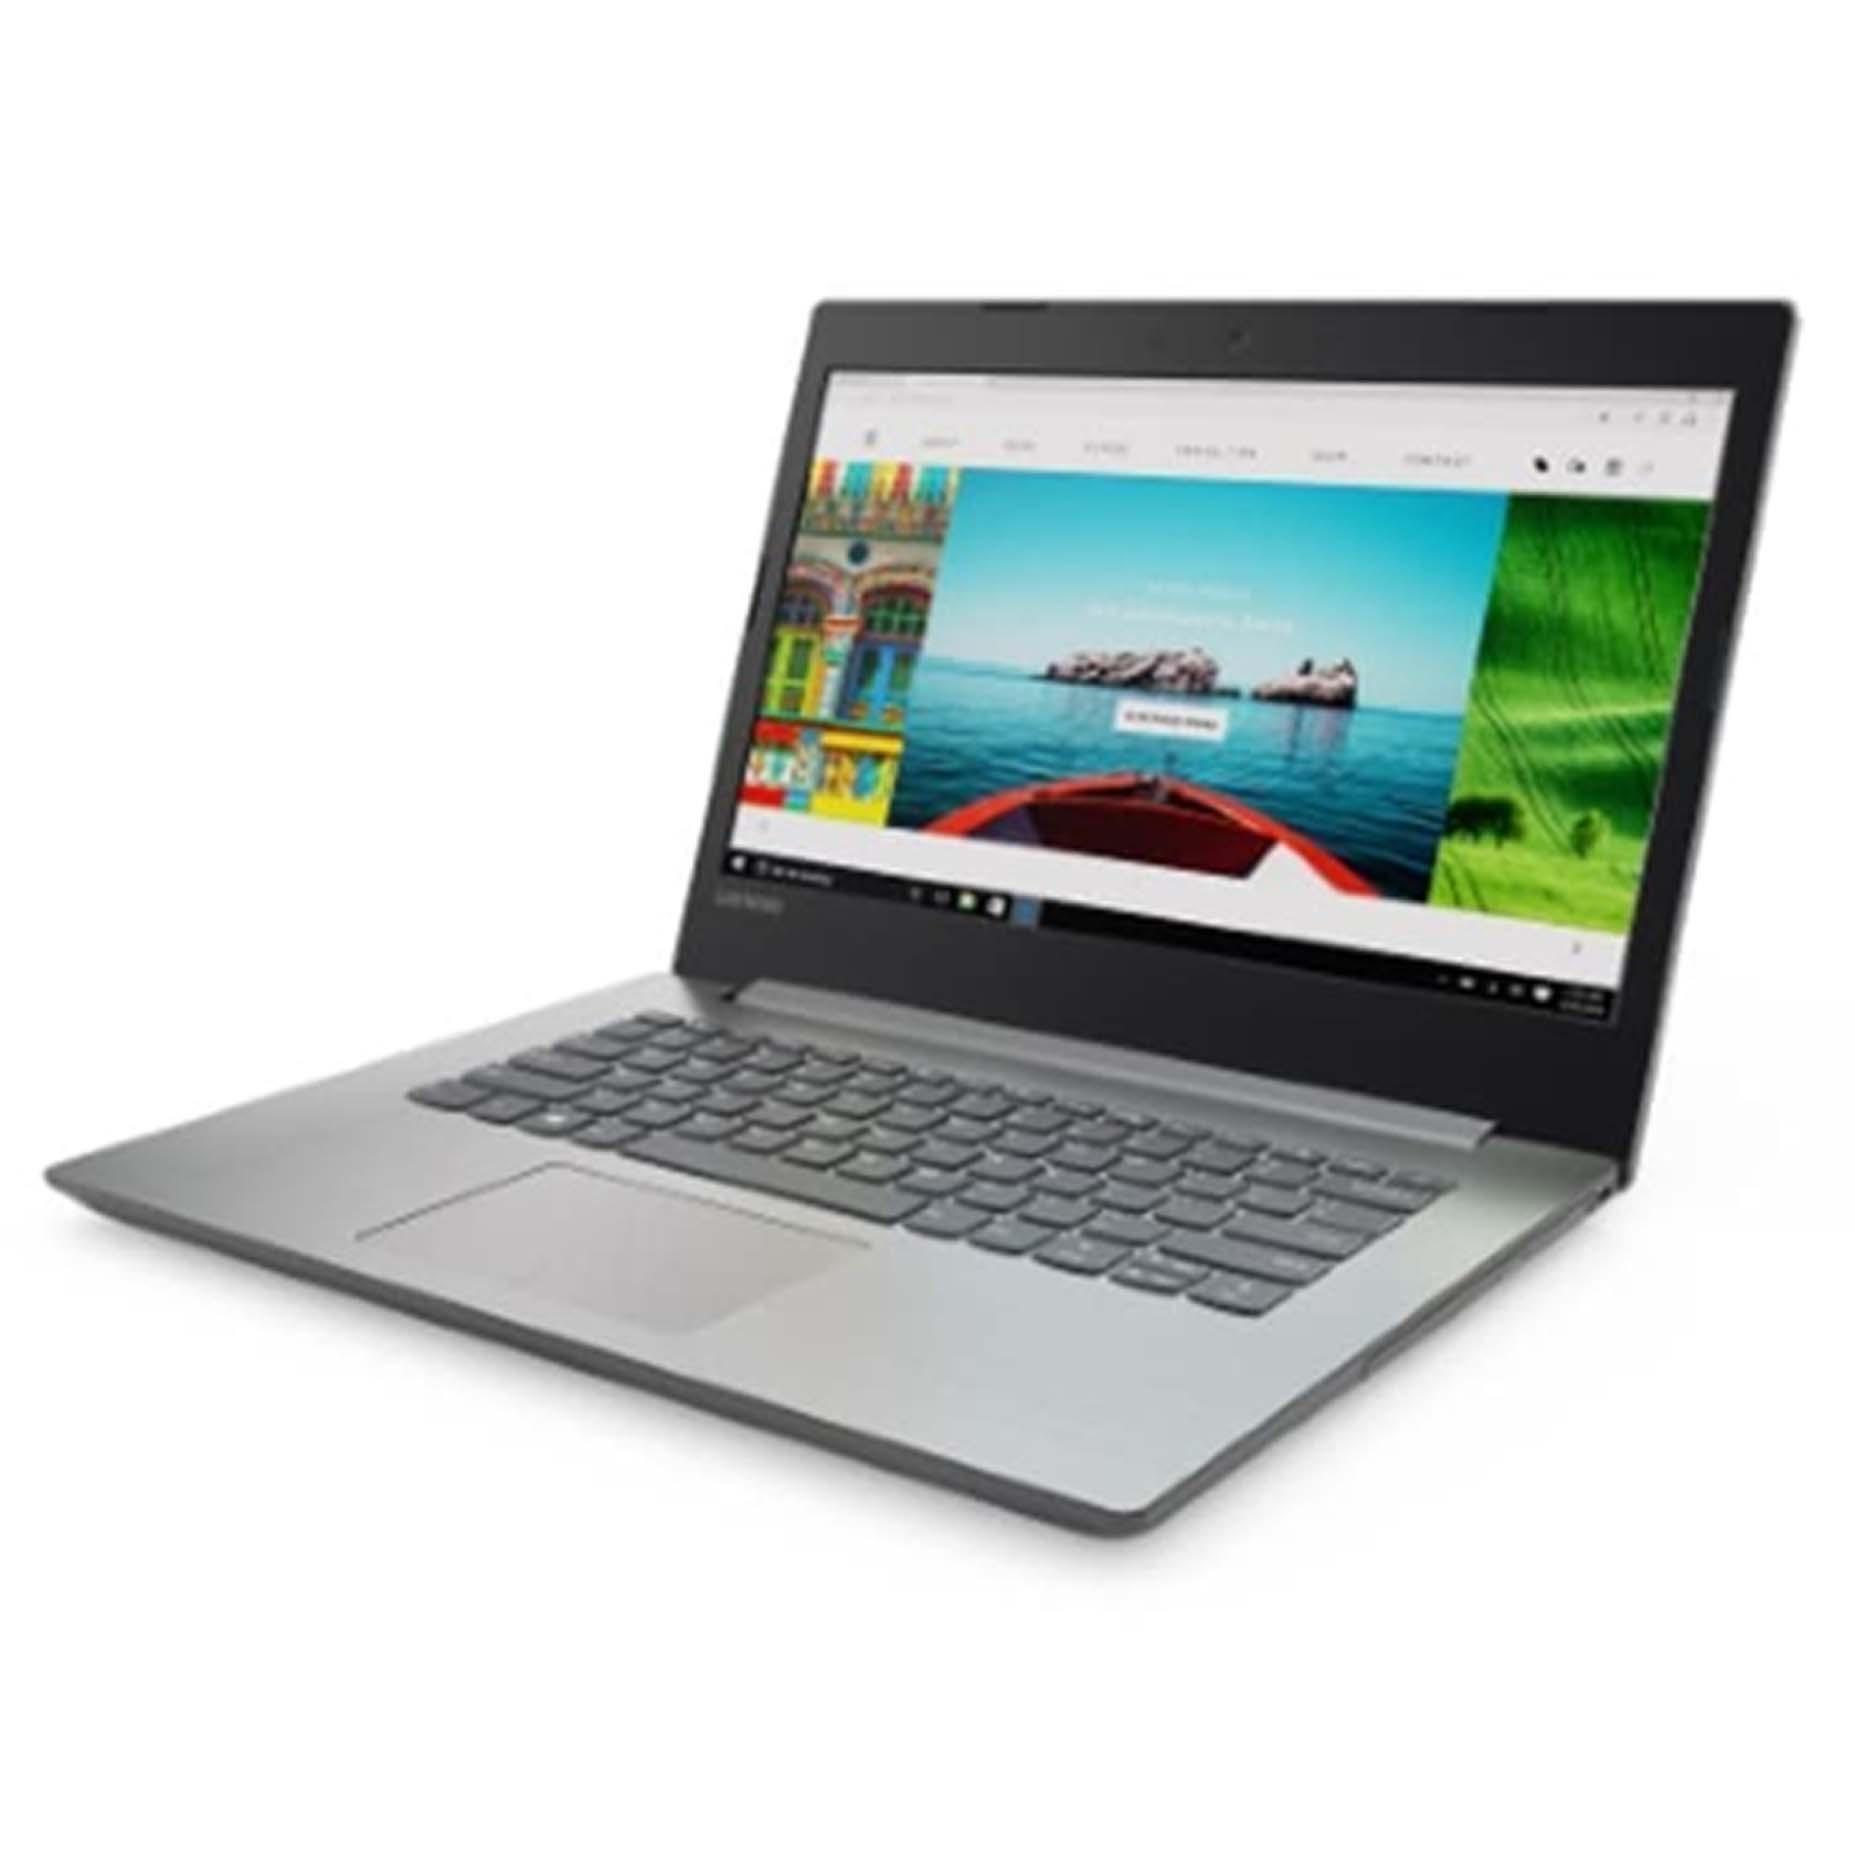 Harga Lenovo Ideapad IP330-15ARR EFID Laptop AMD Ryzen 7 2700U 8GB 1TB AMD Radeon 540 2GB Win 10 15.6 Inch FHD Grey